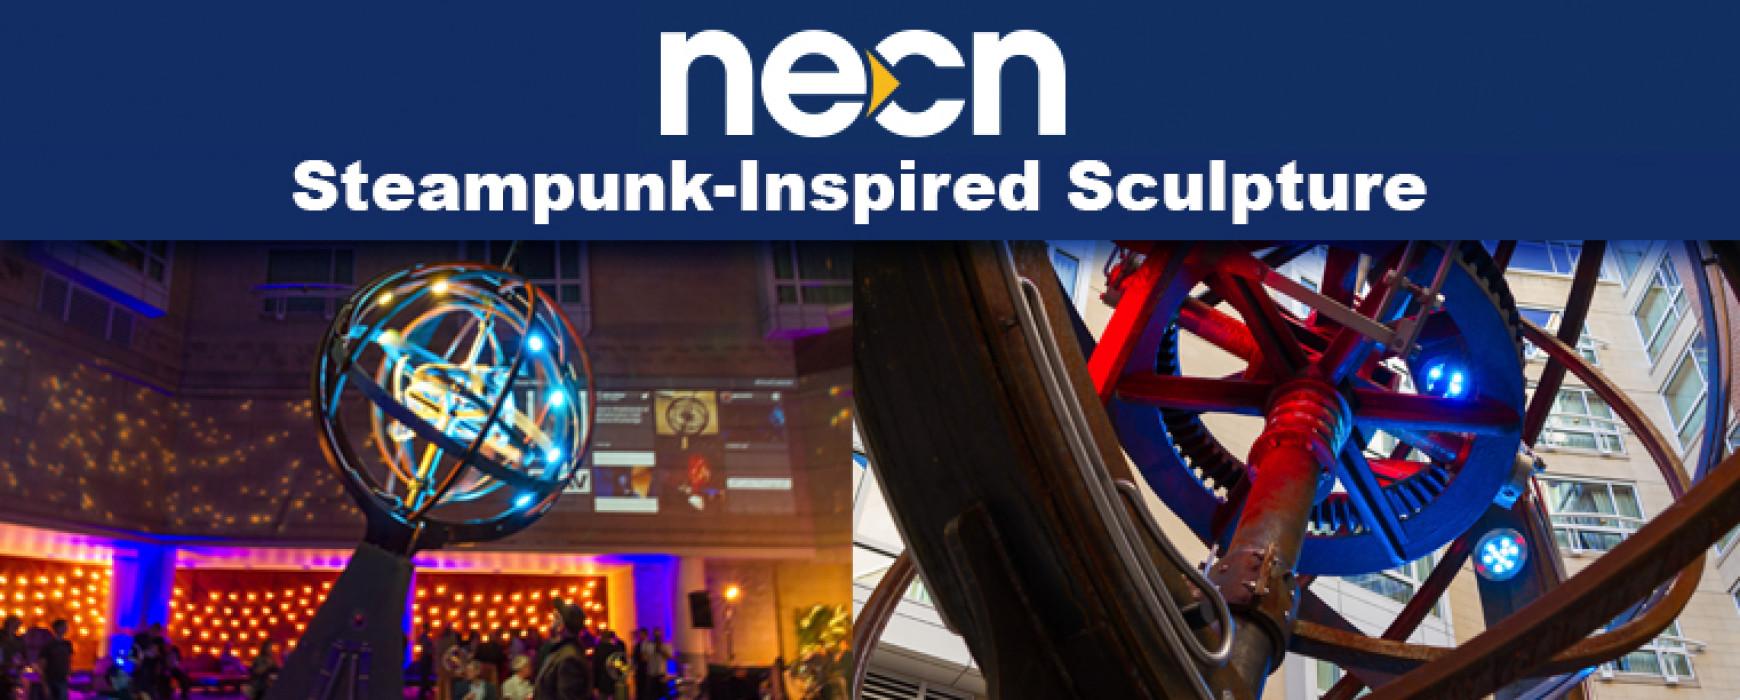 NECN: Steampunk-Inspired Sculpture